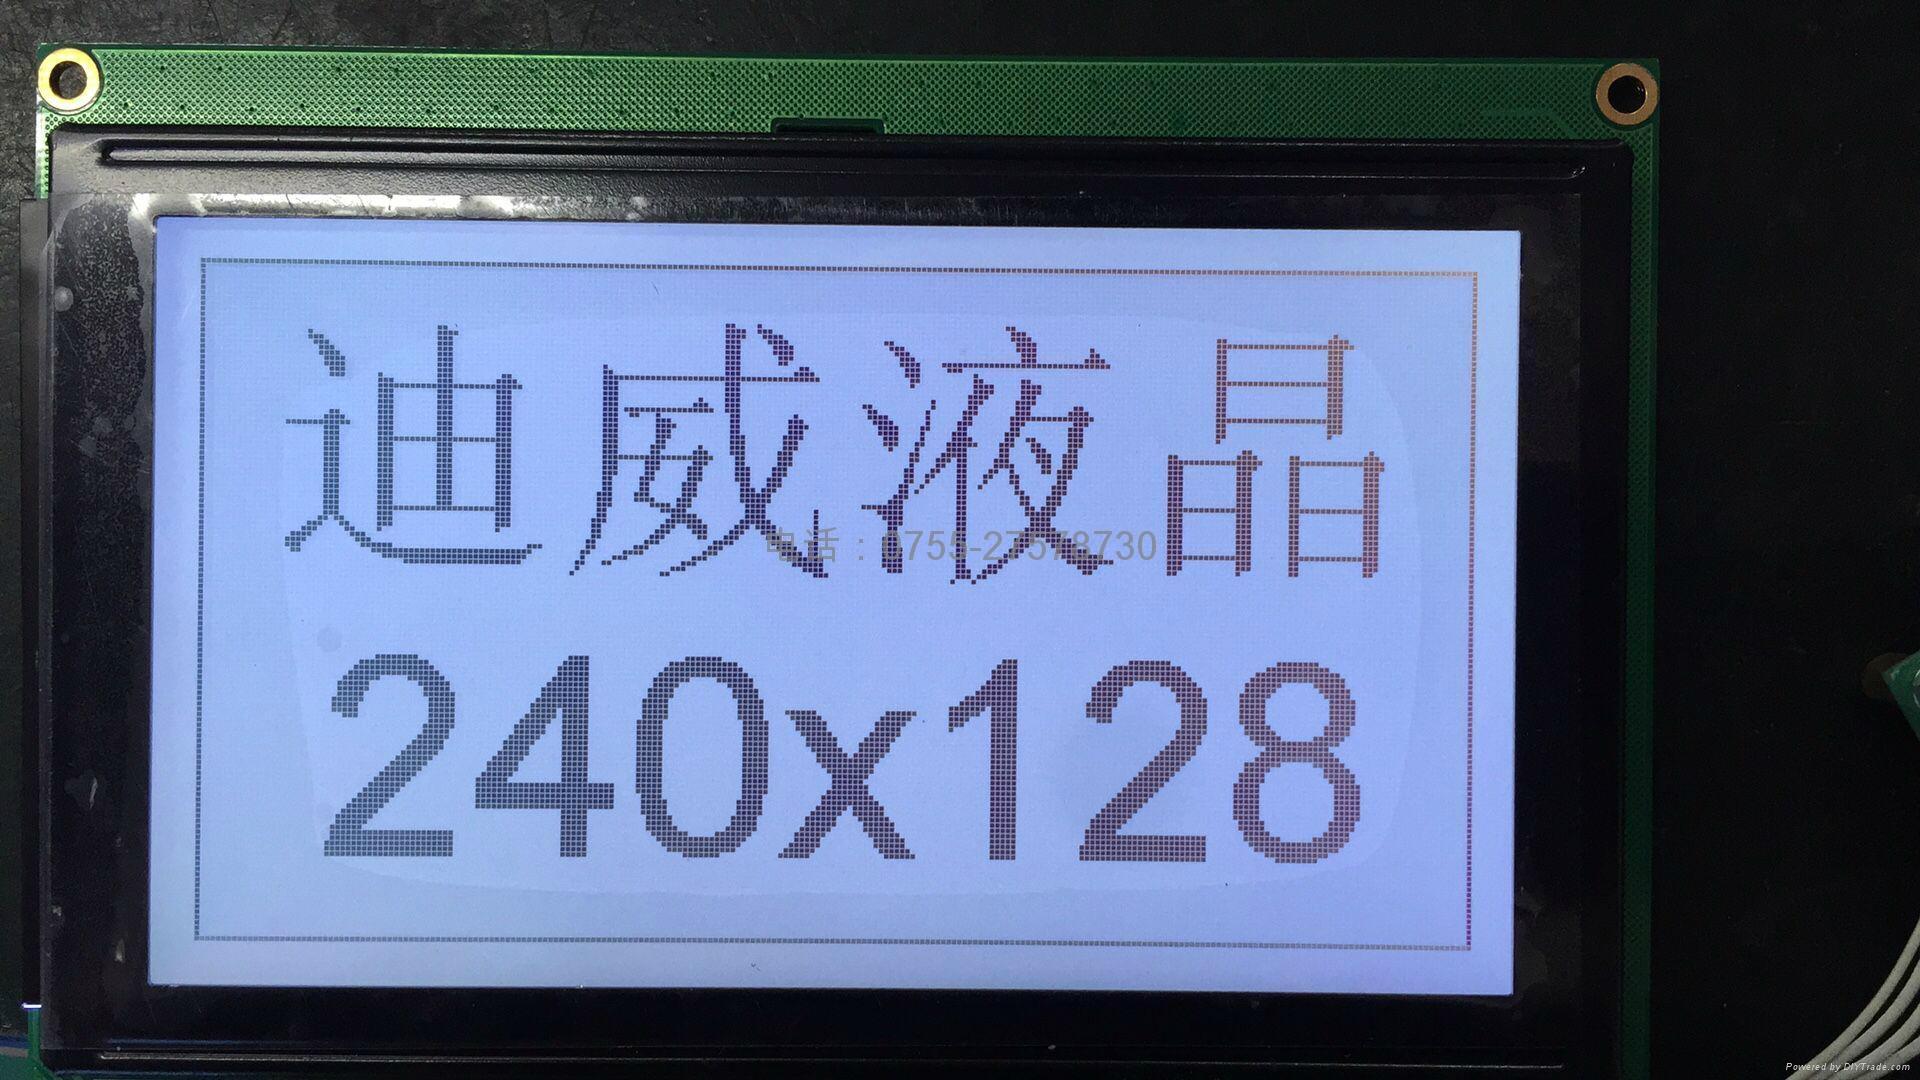 240128液晶顯示模模塊帶中文字庫 4